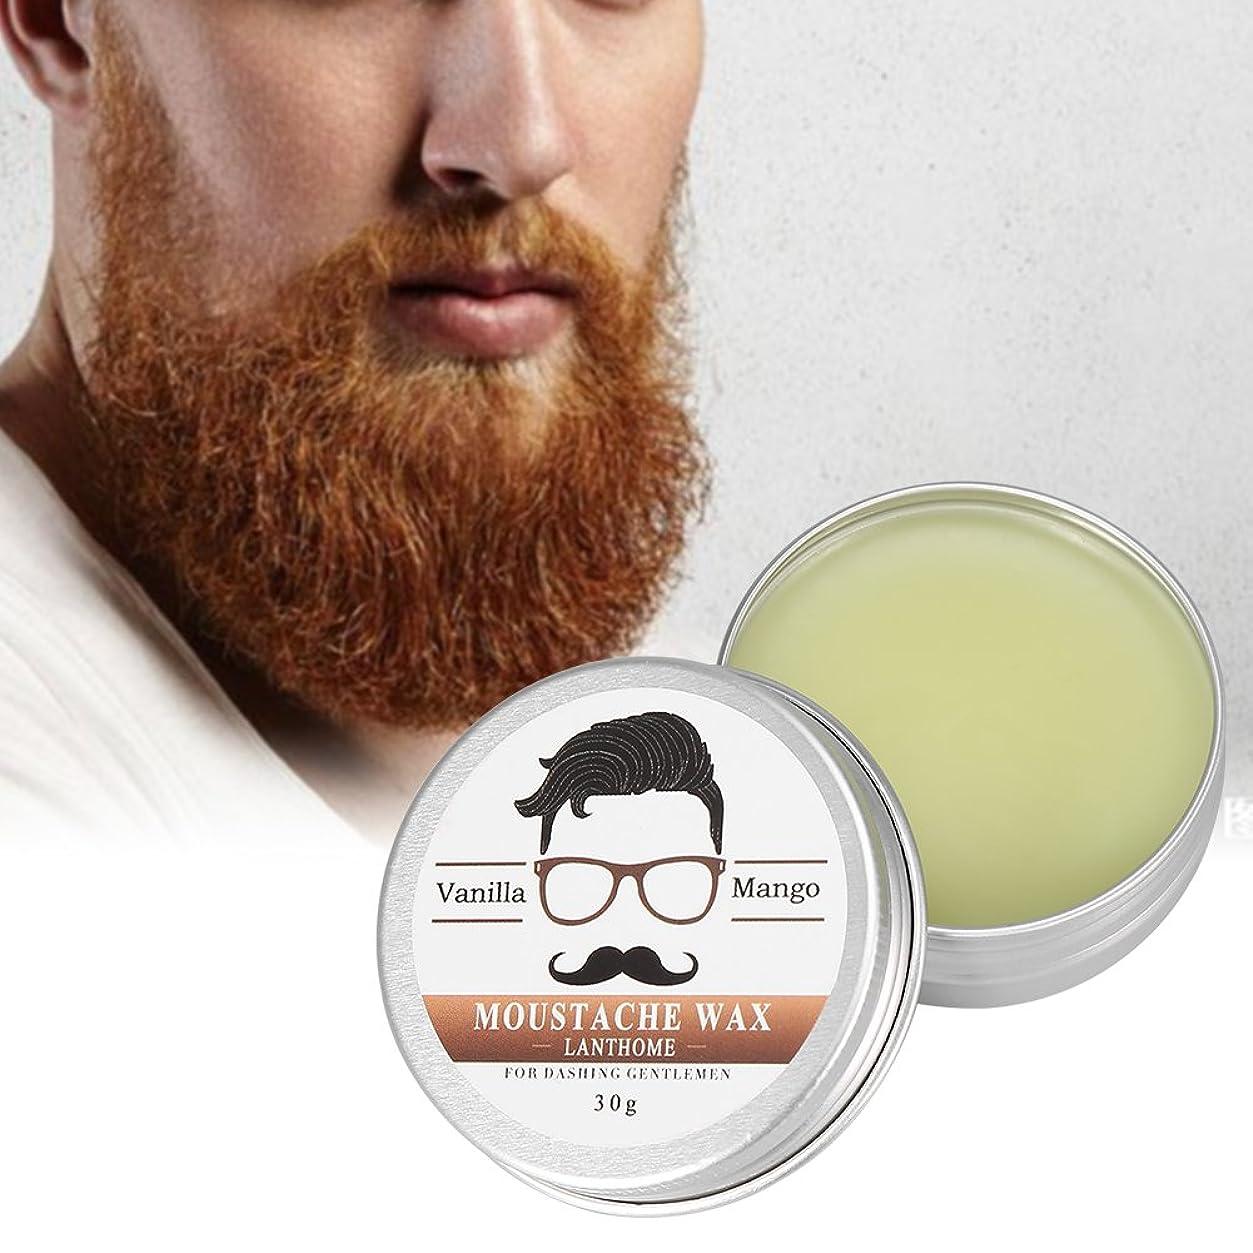 散文レンジキャッシュビアードワックス ひげクリーム 口髭用 ワックス バーム 男性用 保湿 滋養 ひげ根 ケア